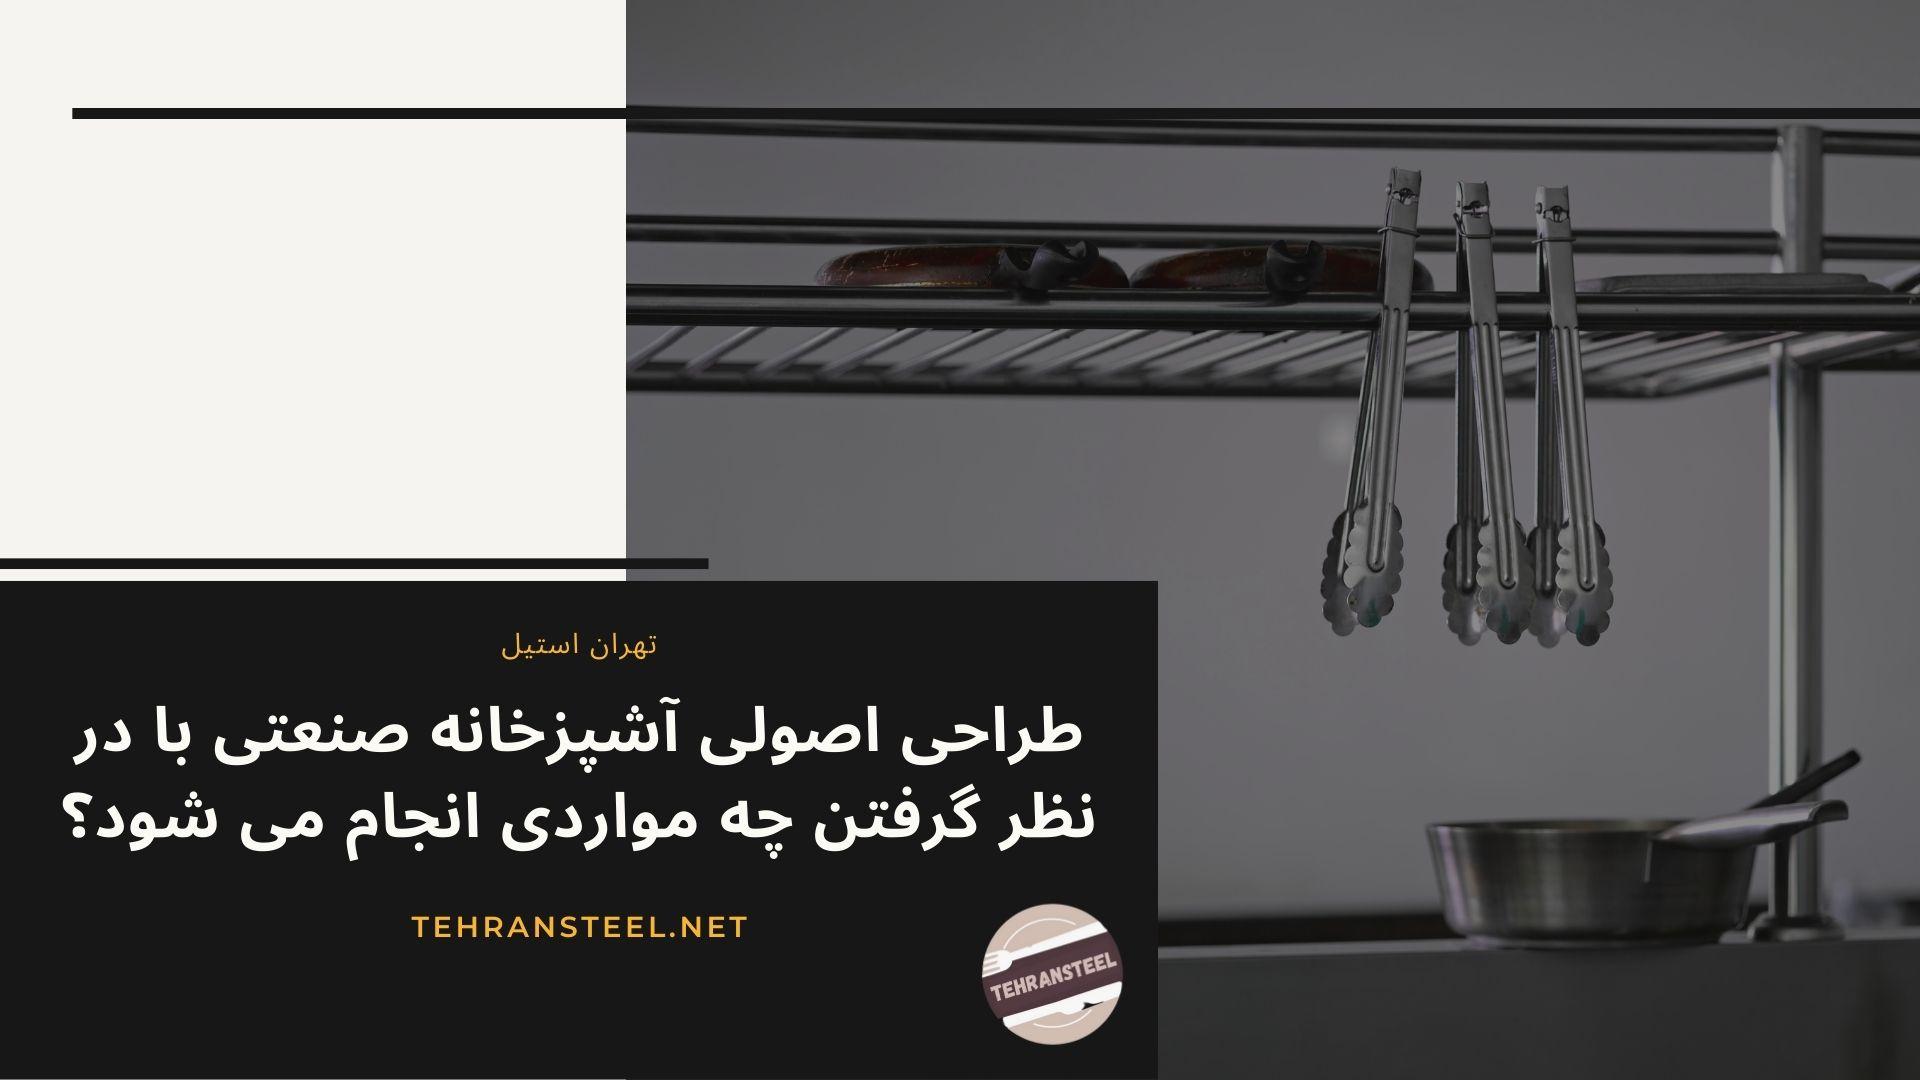 طراحی اصولی آشپزخانه صنعتی با در نظر گرفتن چه مواردی انجام می شود؟